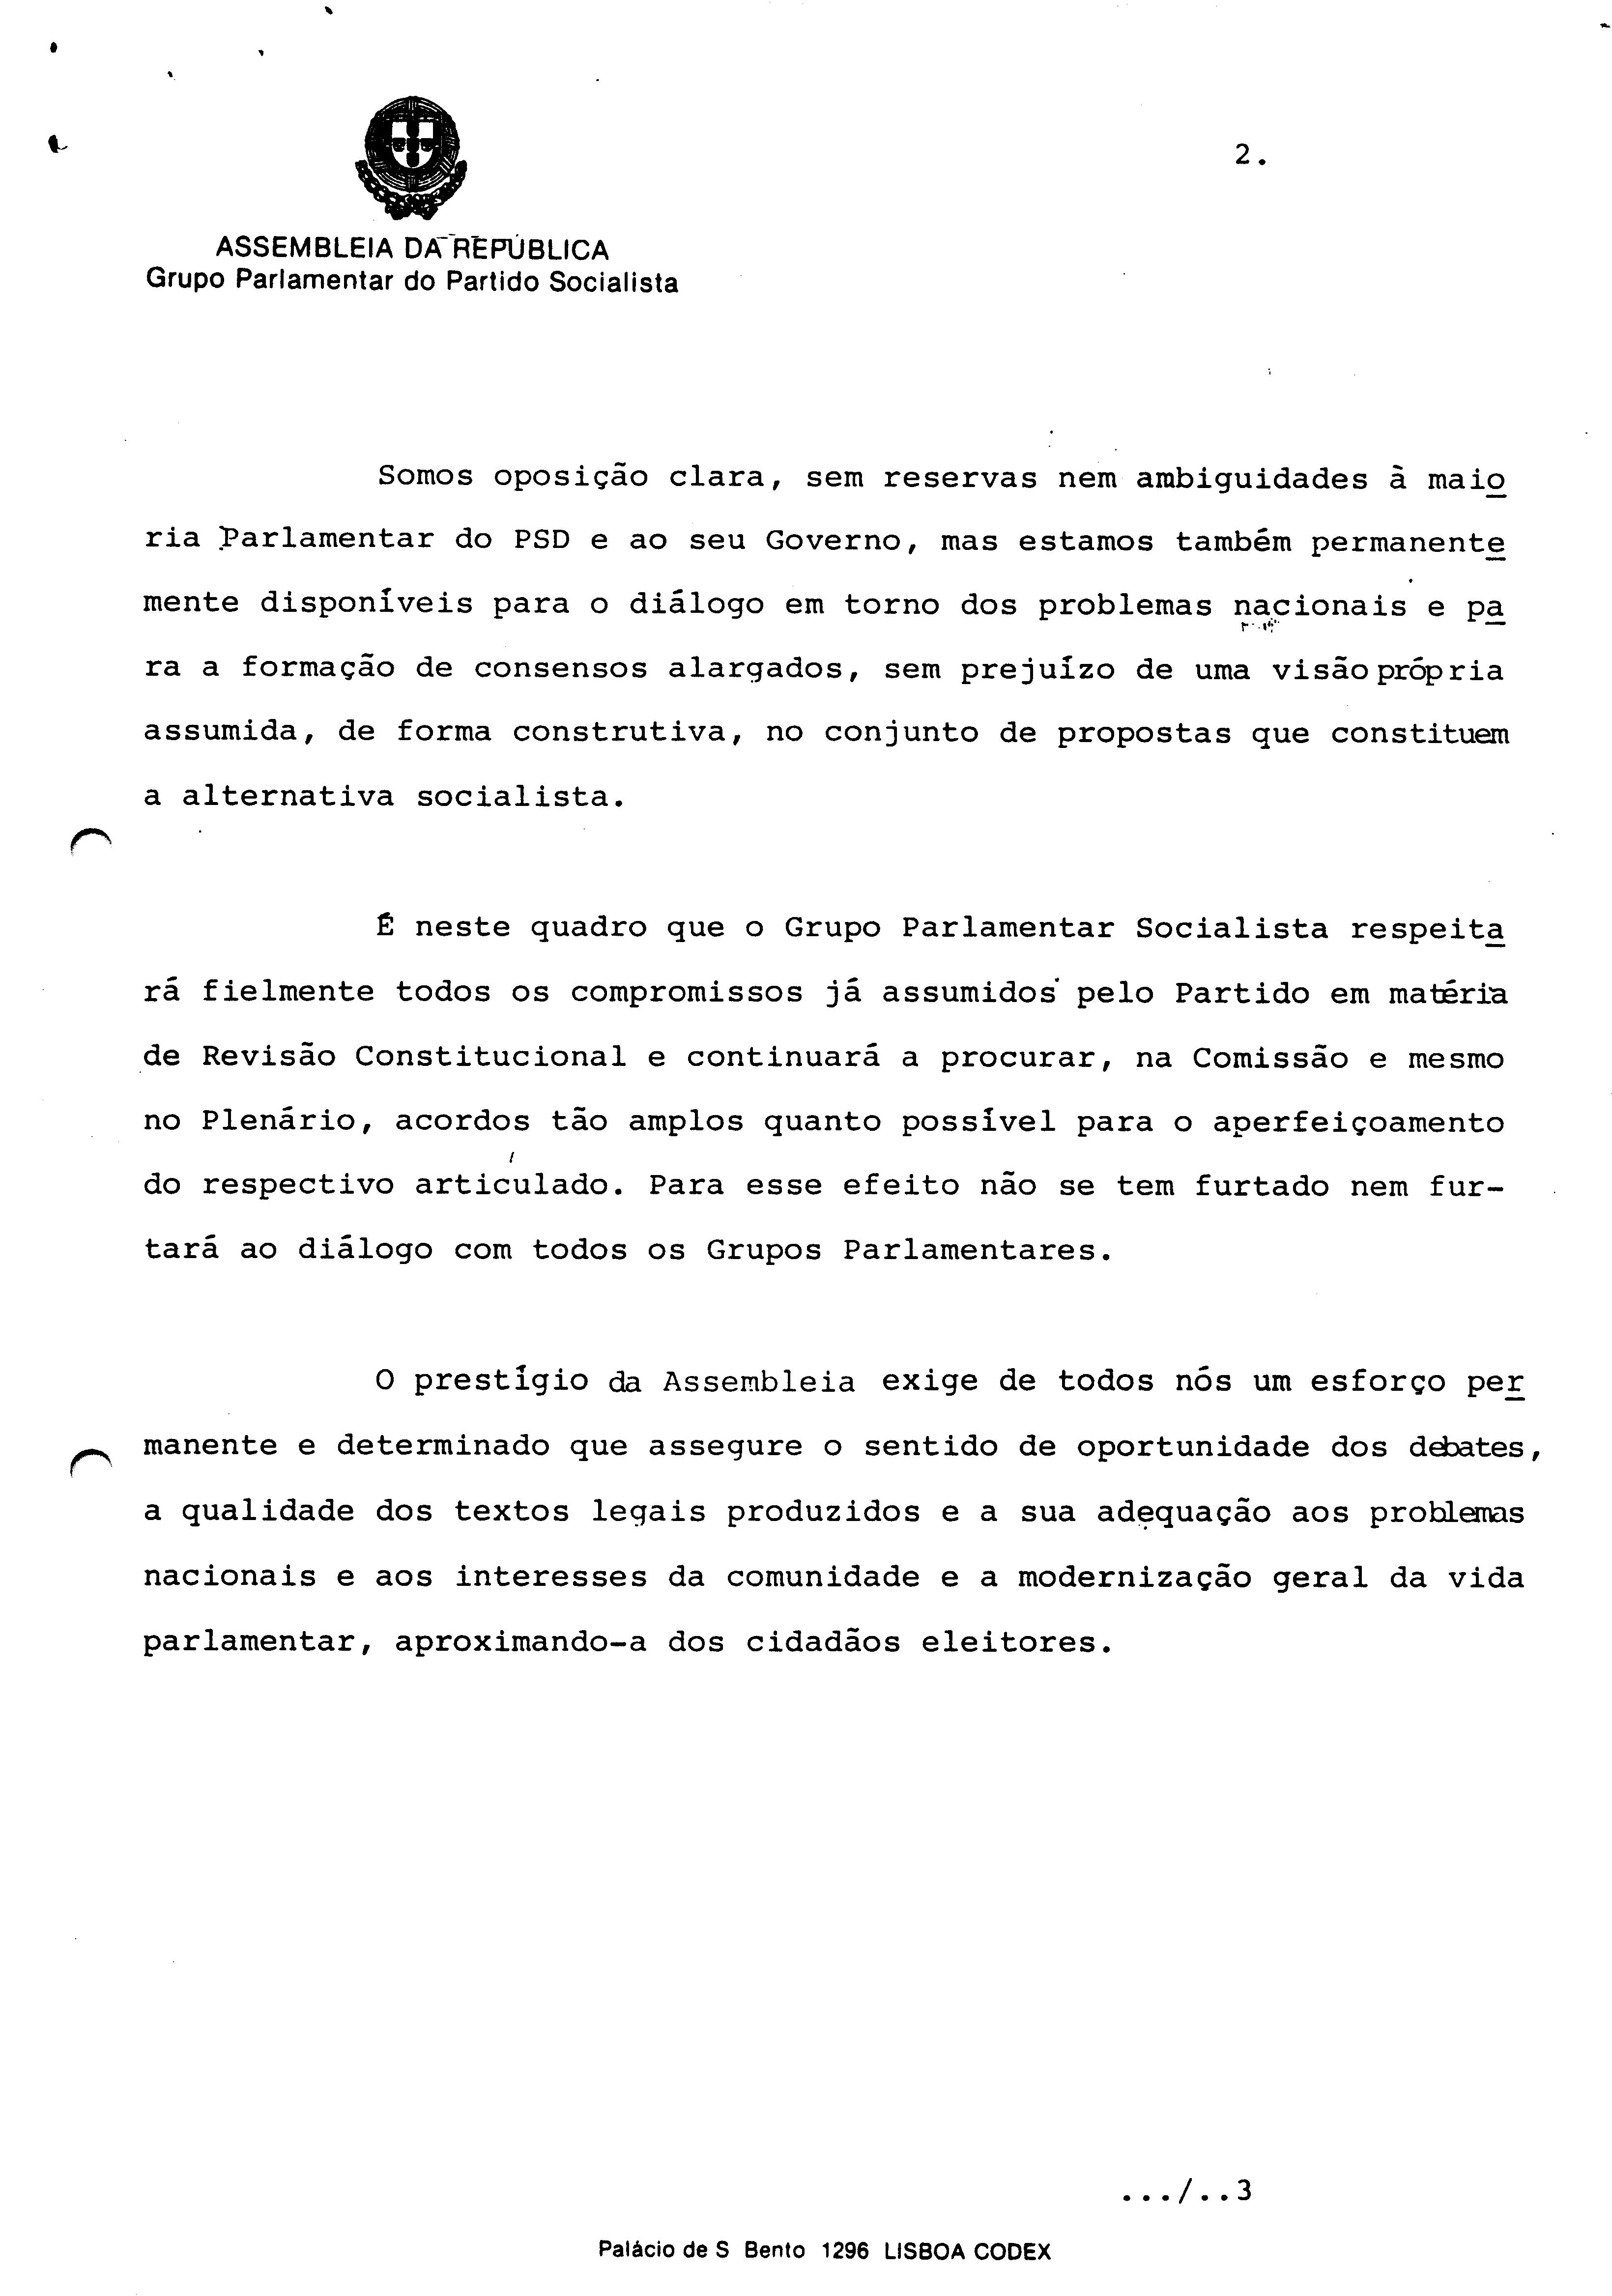 00407.020- pag.2